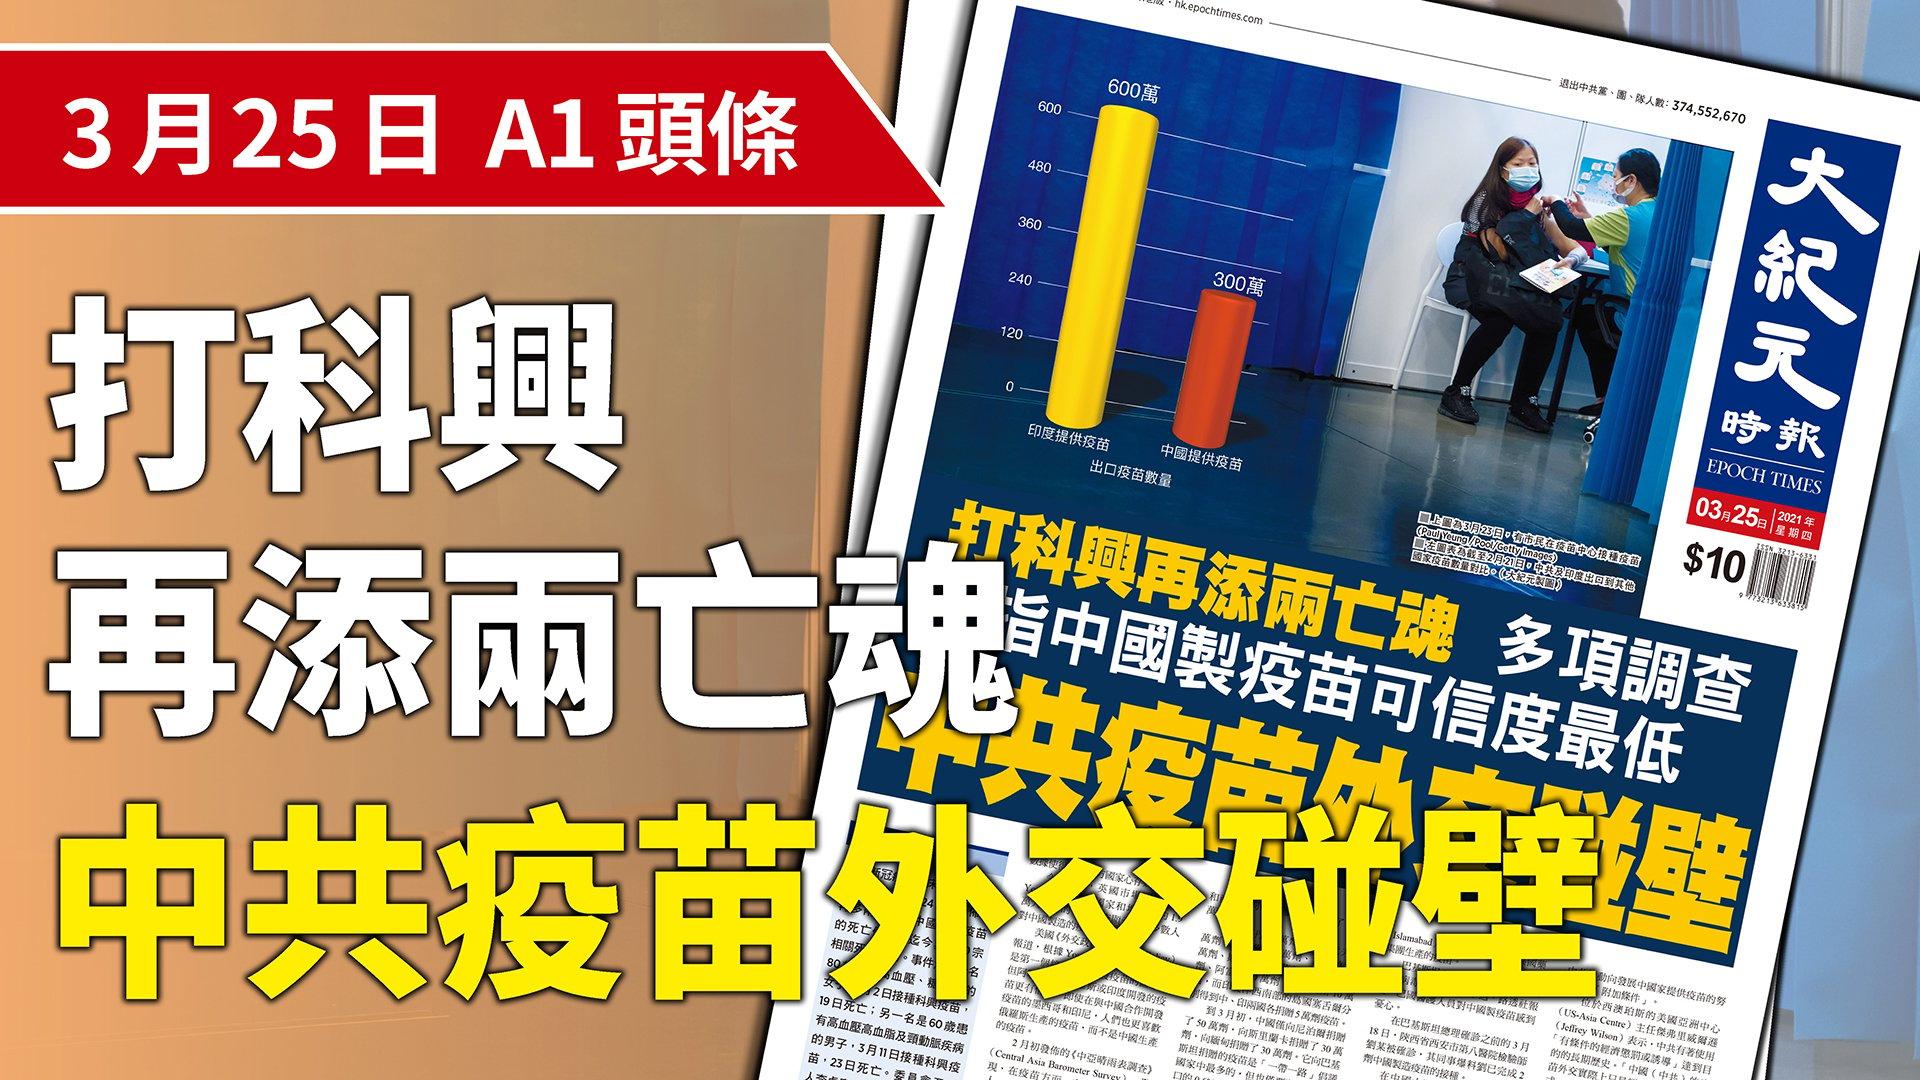 香港新冠疫苗臨床事件評估專家委員會昨天(24日)公佈,再多兩宗涉及中國科興疫苗的死亡個案,迄今累計10宗相關死亡病例。(大紀元製圖)